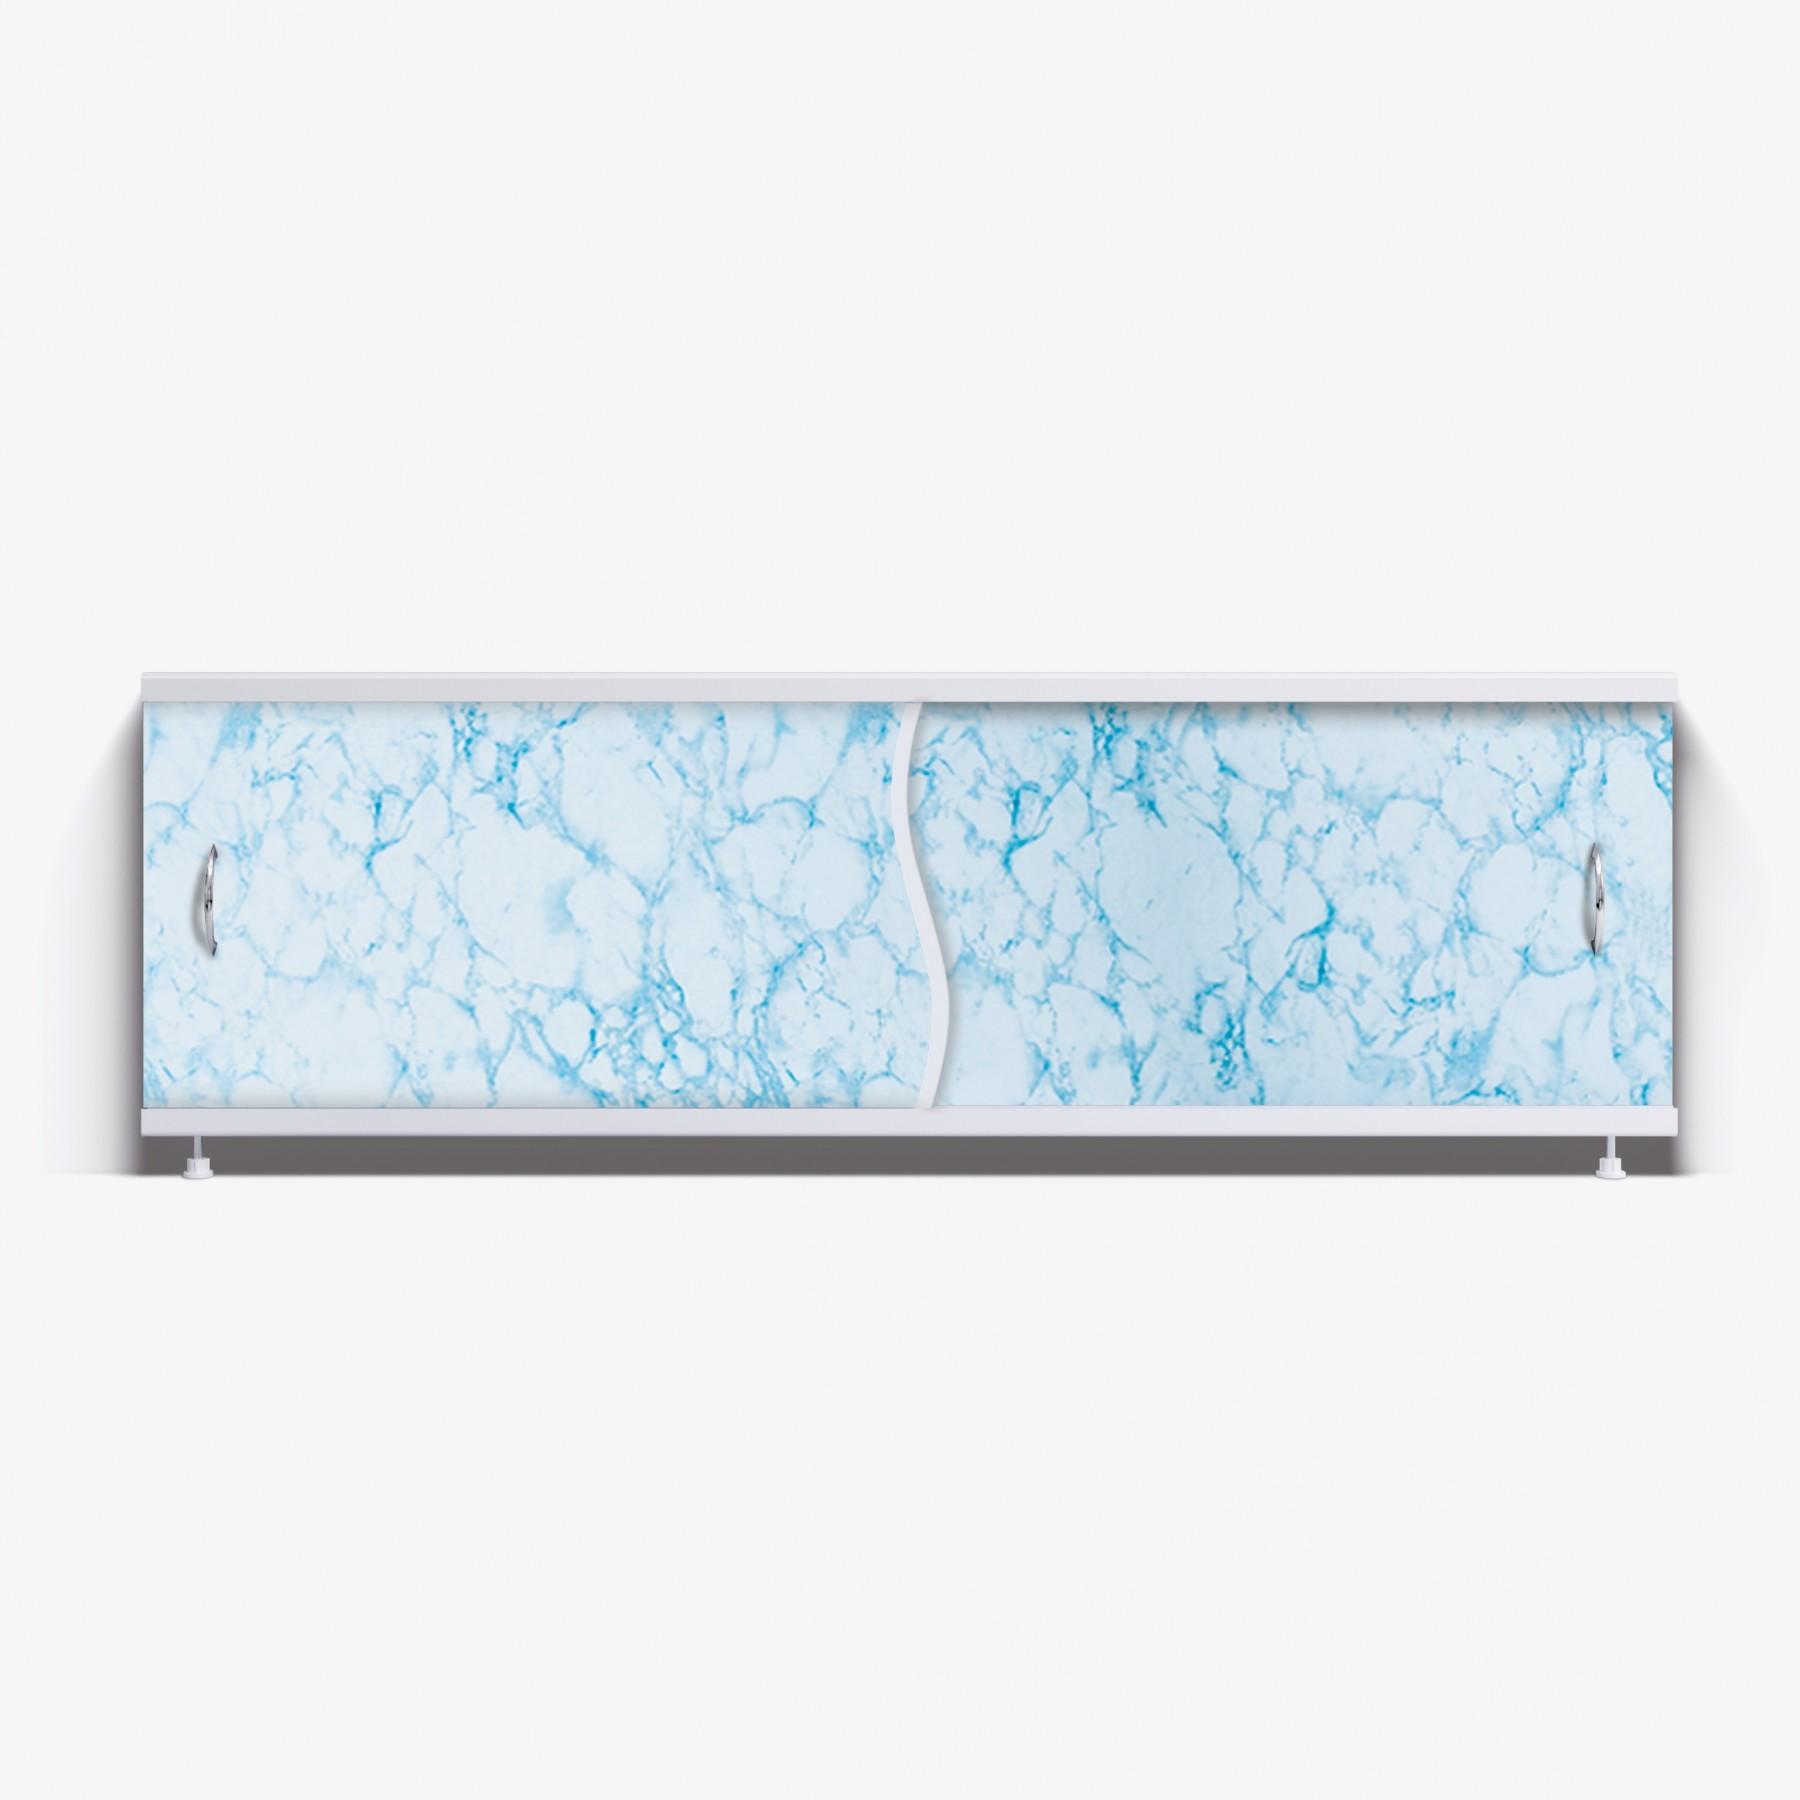 Экран под ванну Премьер 170 небо